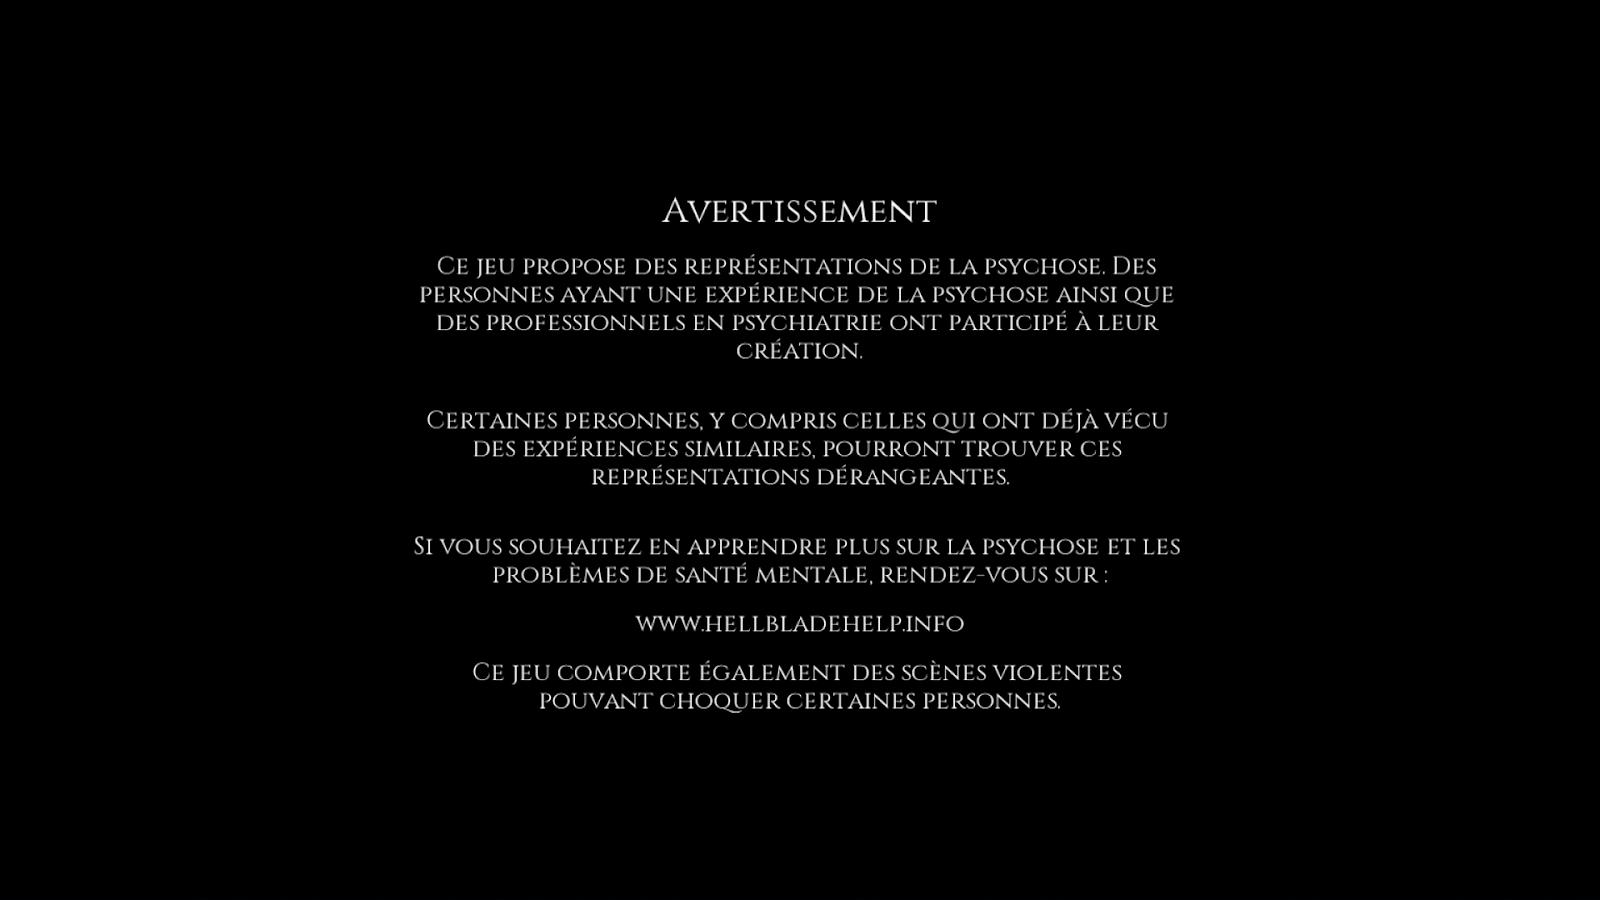 Avertissement Hellblade.png